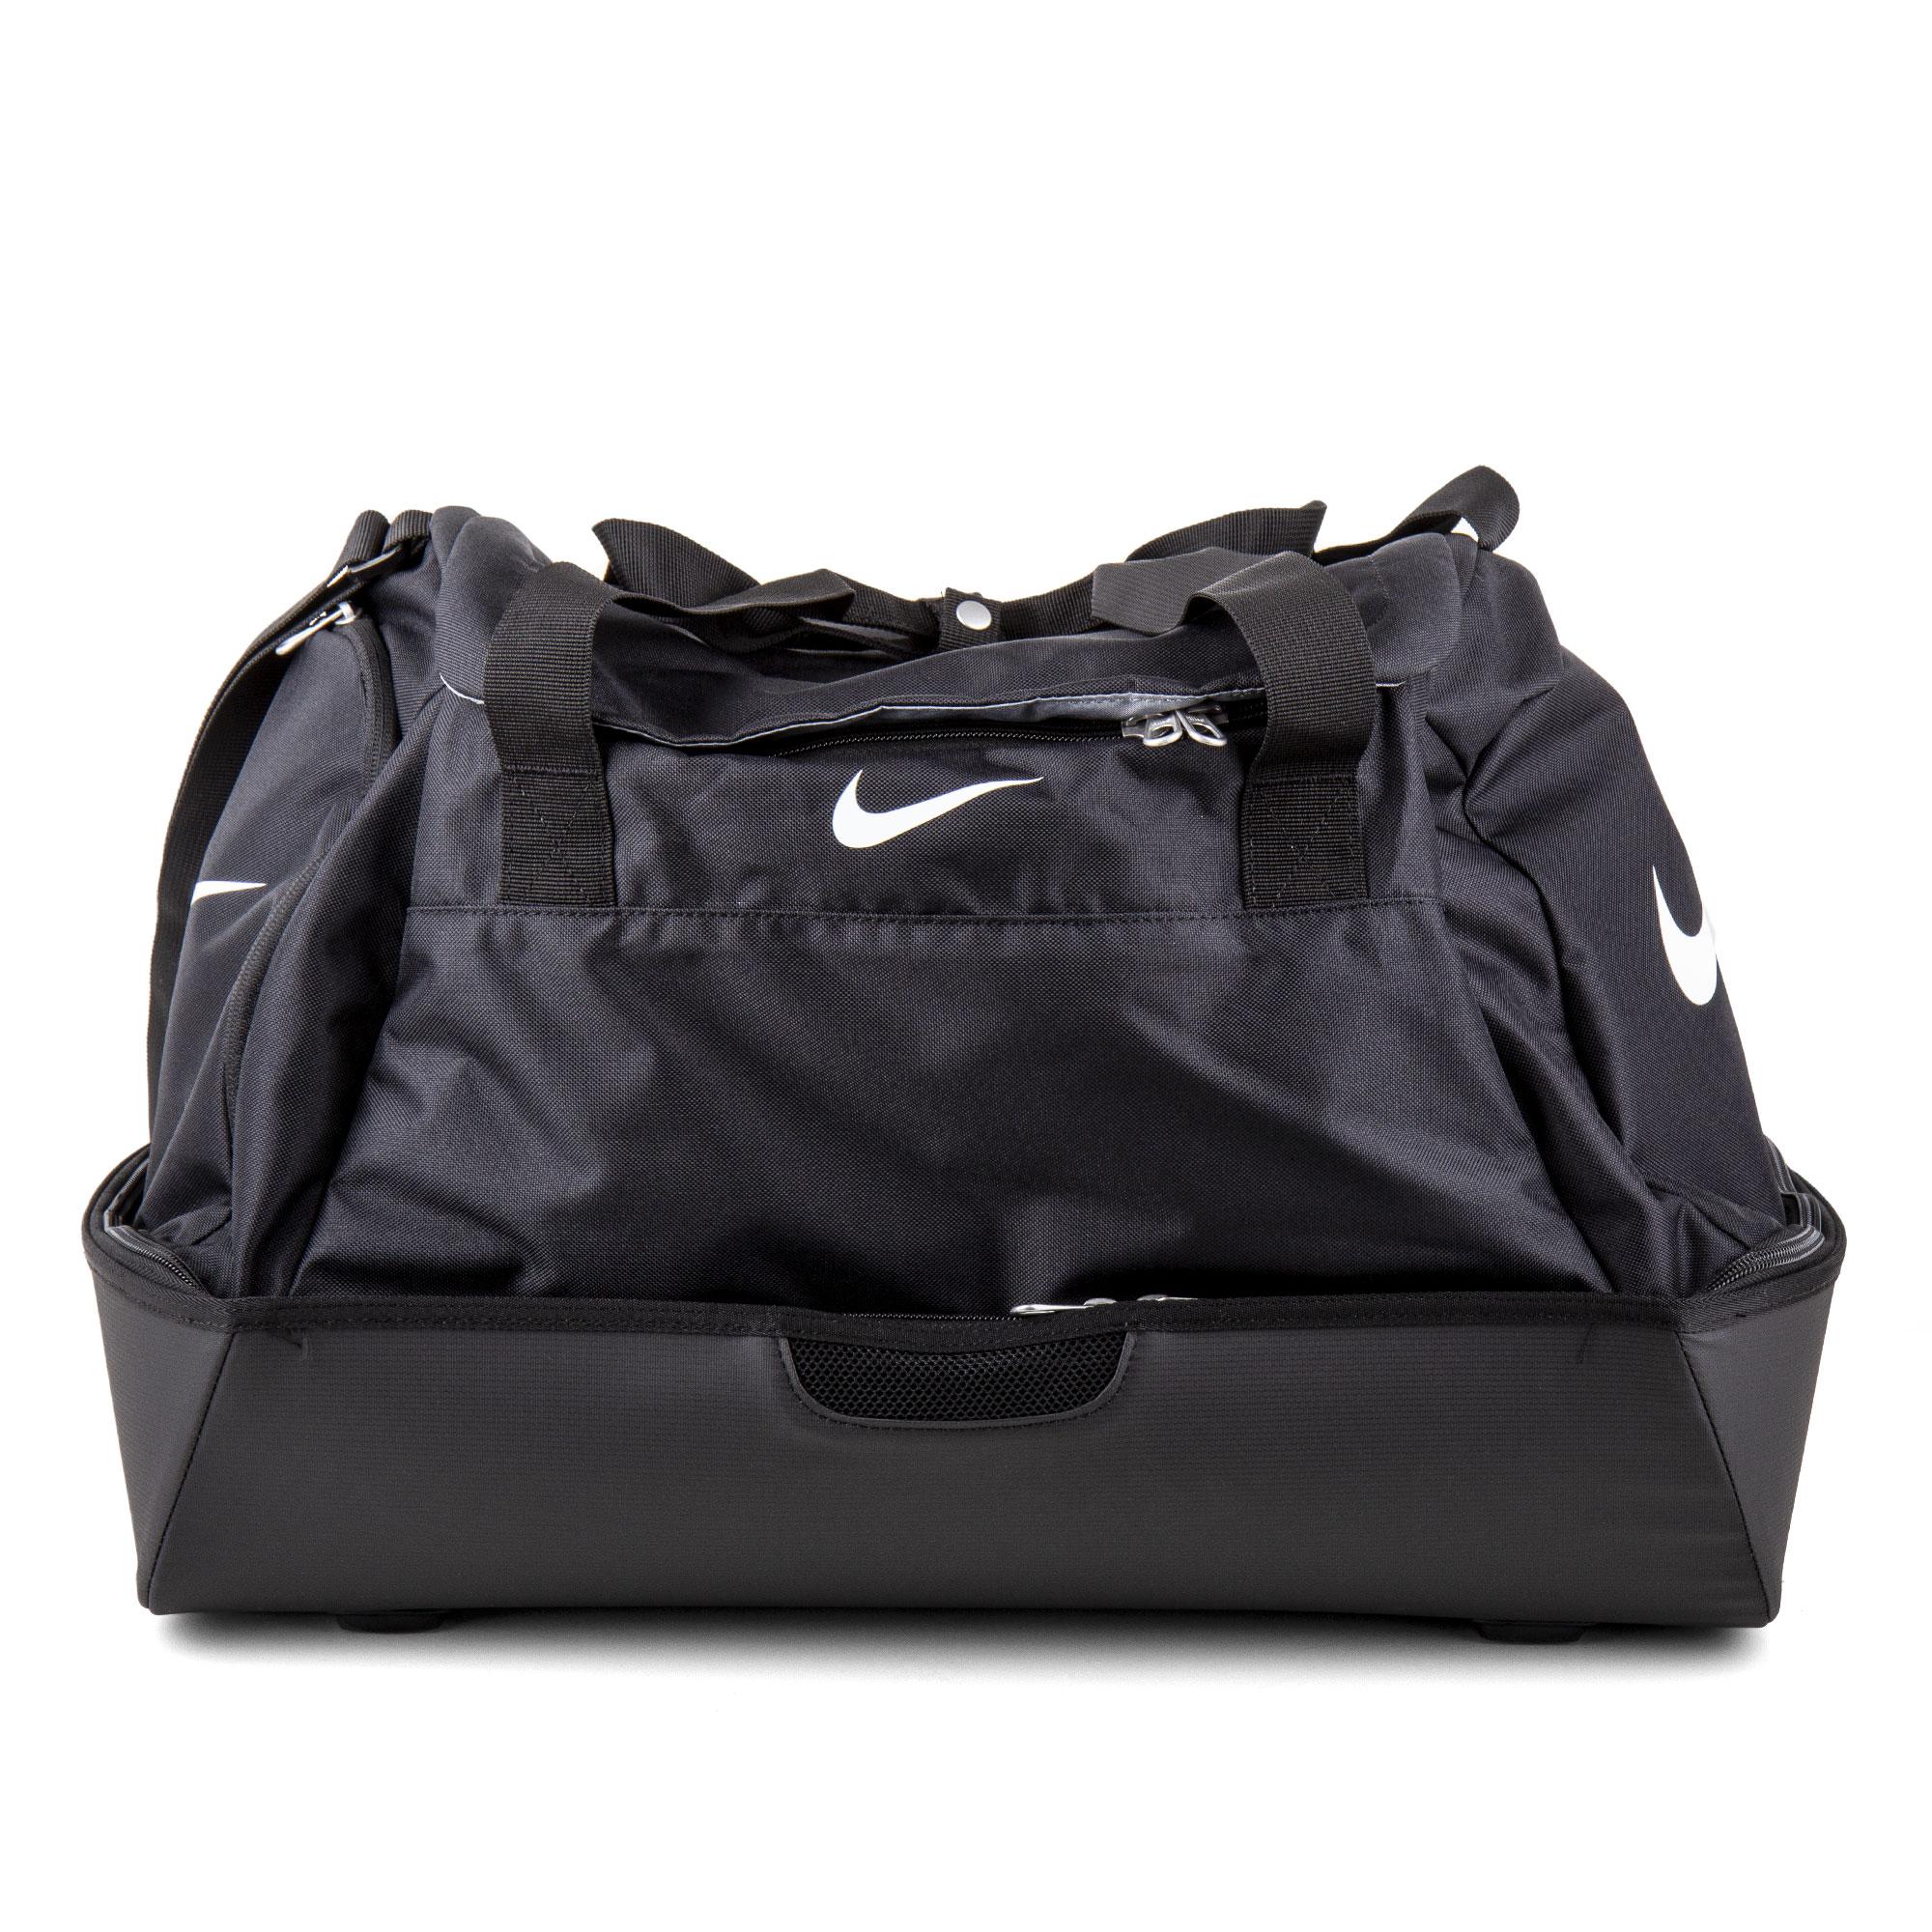 ec0d8e69d8 ... NIKE Ce sac de sport de training pour hommes à été conçu pour  transporter toutes vos affaires de football. Ses différentes poches zippées  vous aideront ...